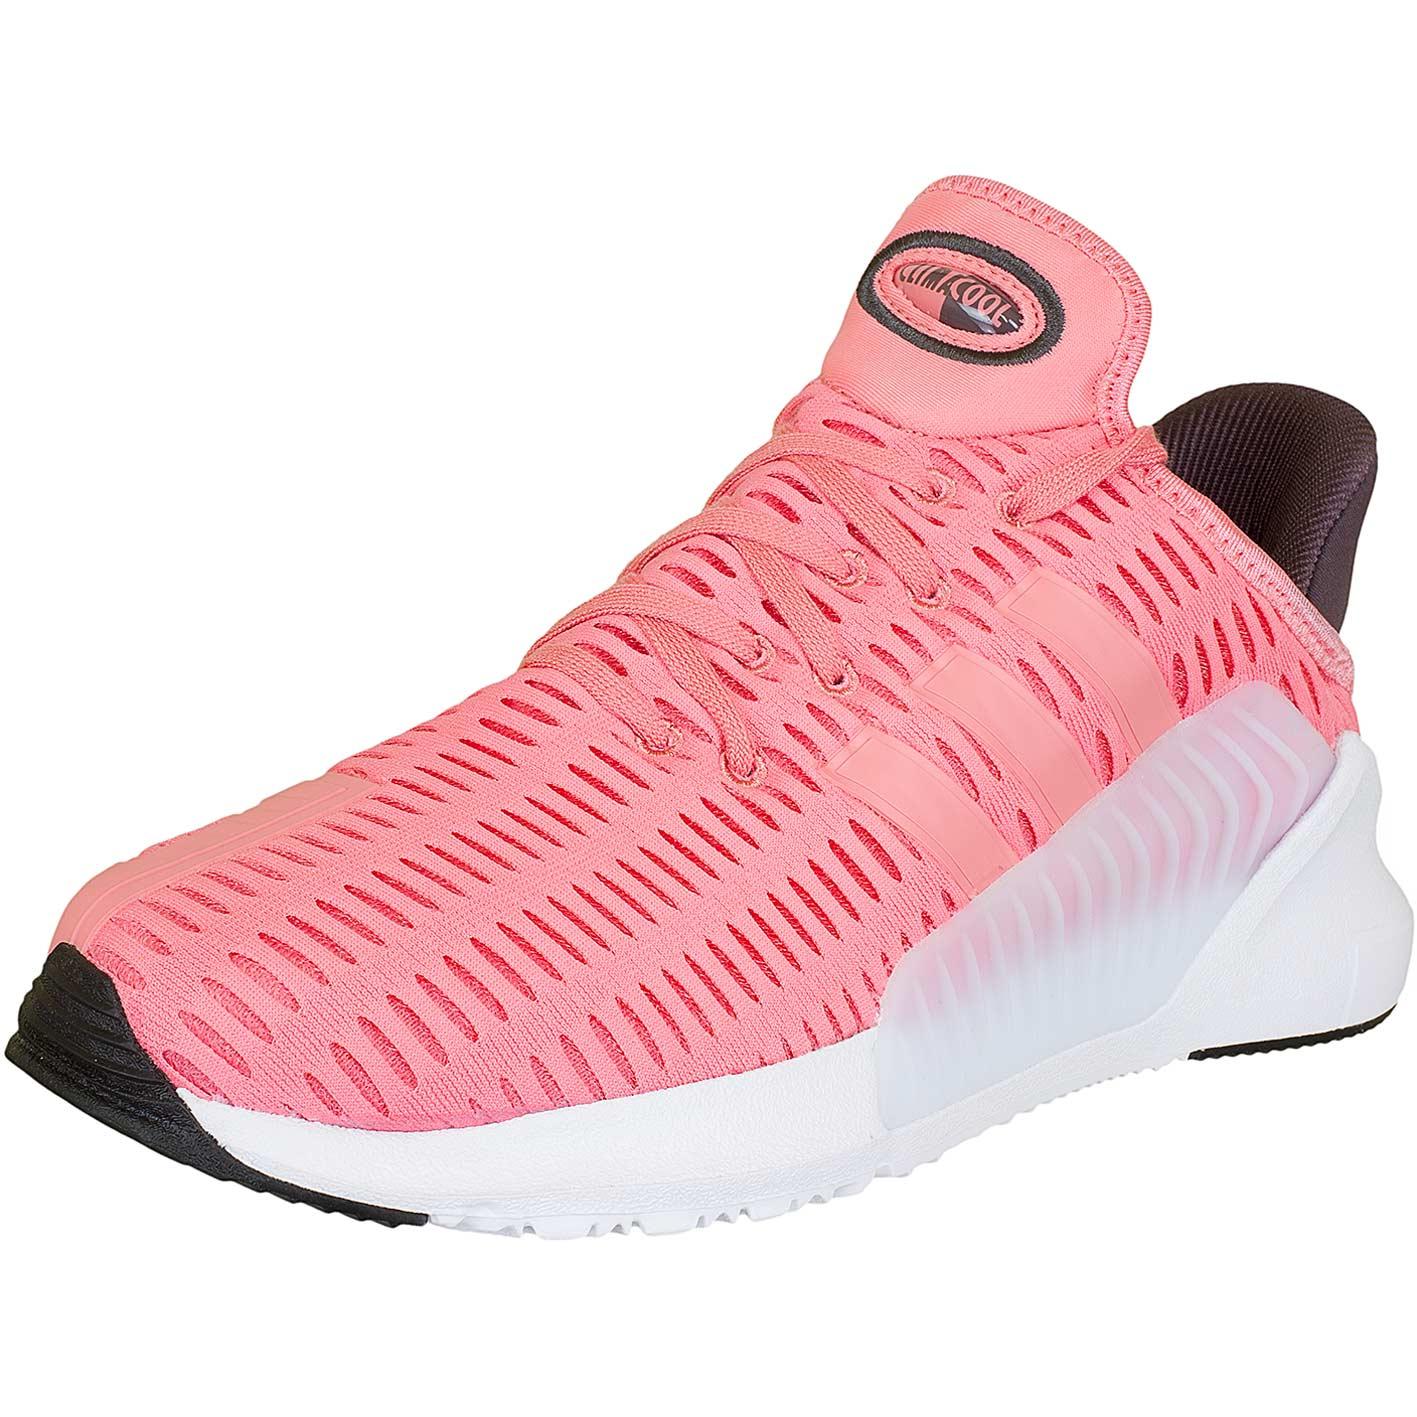 96f2001261a535 ☆ Adidas Originals Damen Sneaker Climacool 02 17 pink weiß - hier ...